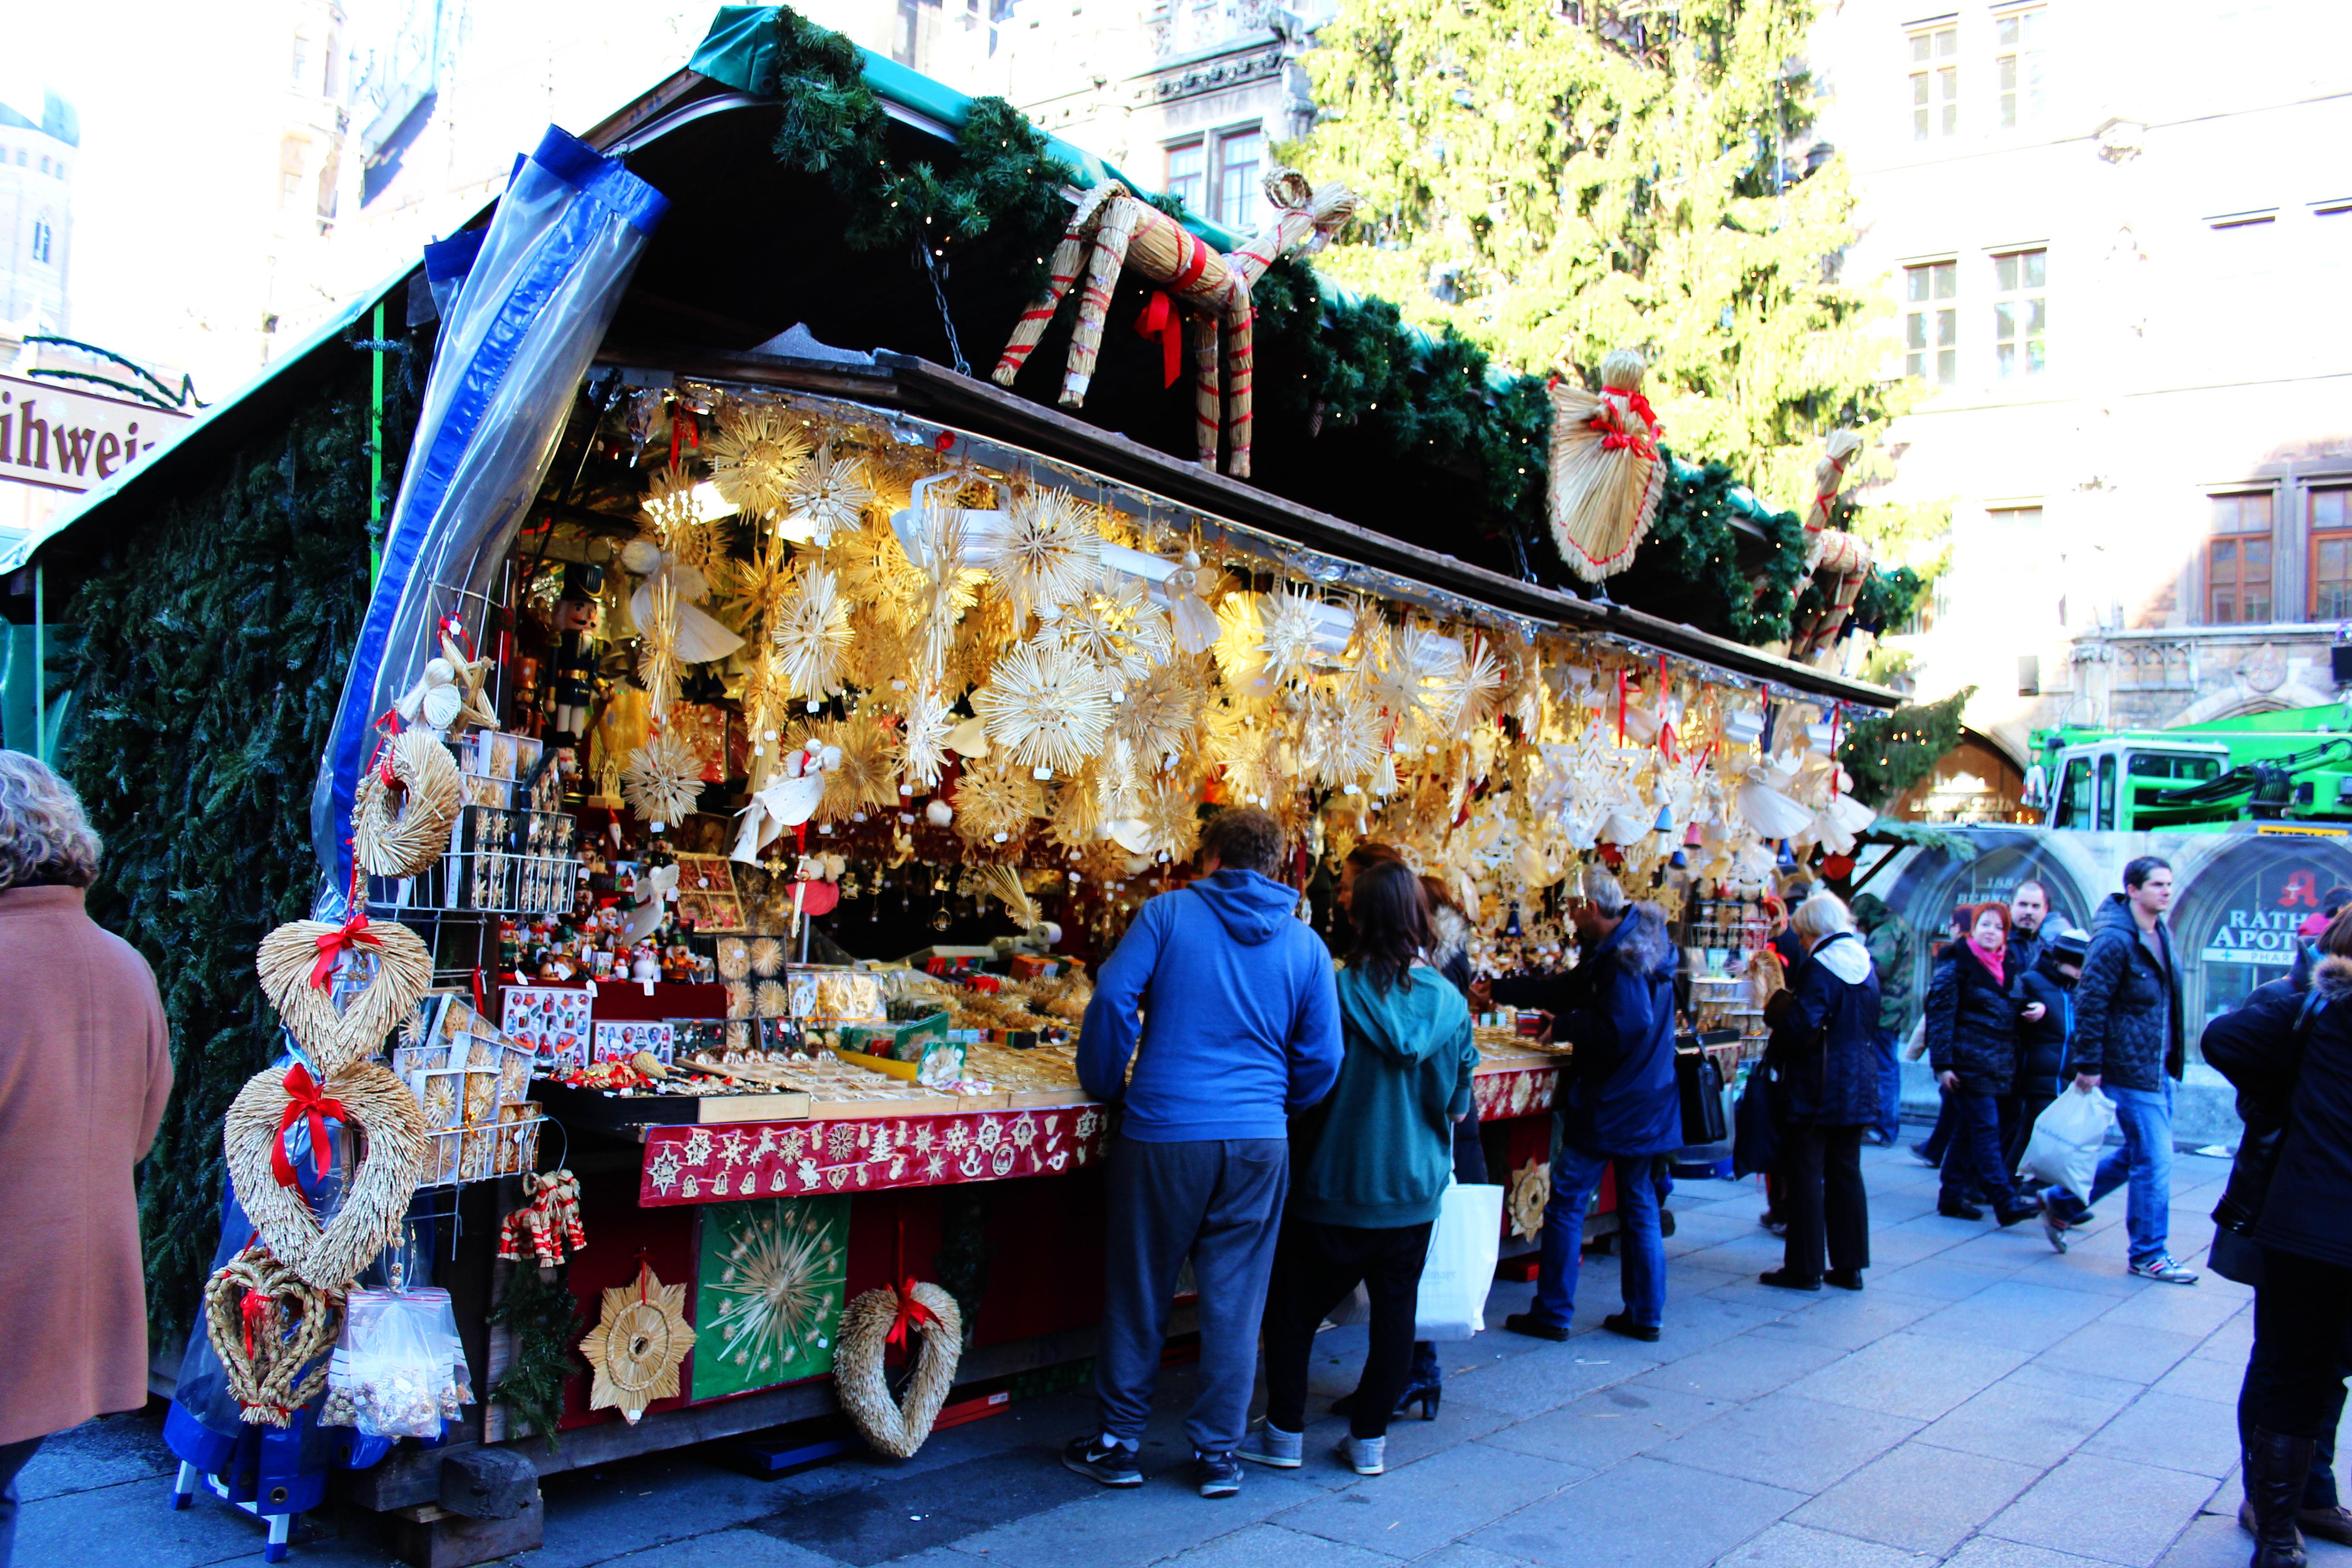 Marienplatz Weihnachtsmarkt.File München Marienplatz Weihnachtsmarkt 2013 Jpg Wikimedia Commons